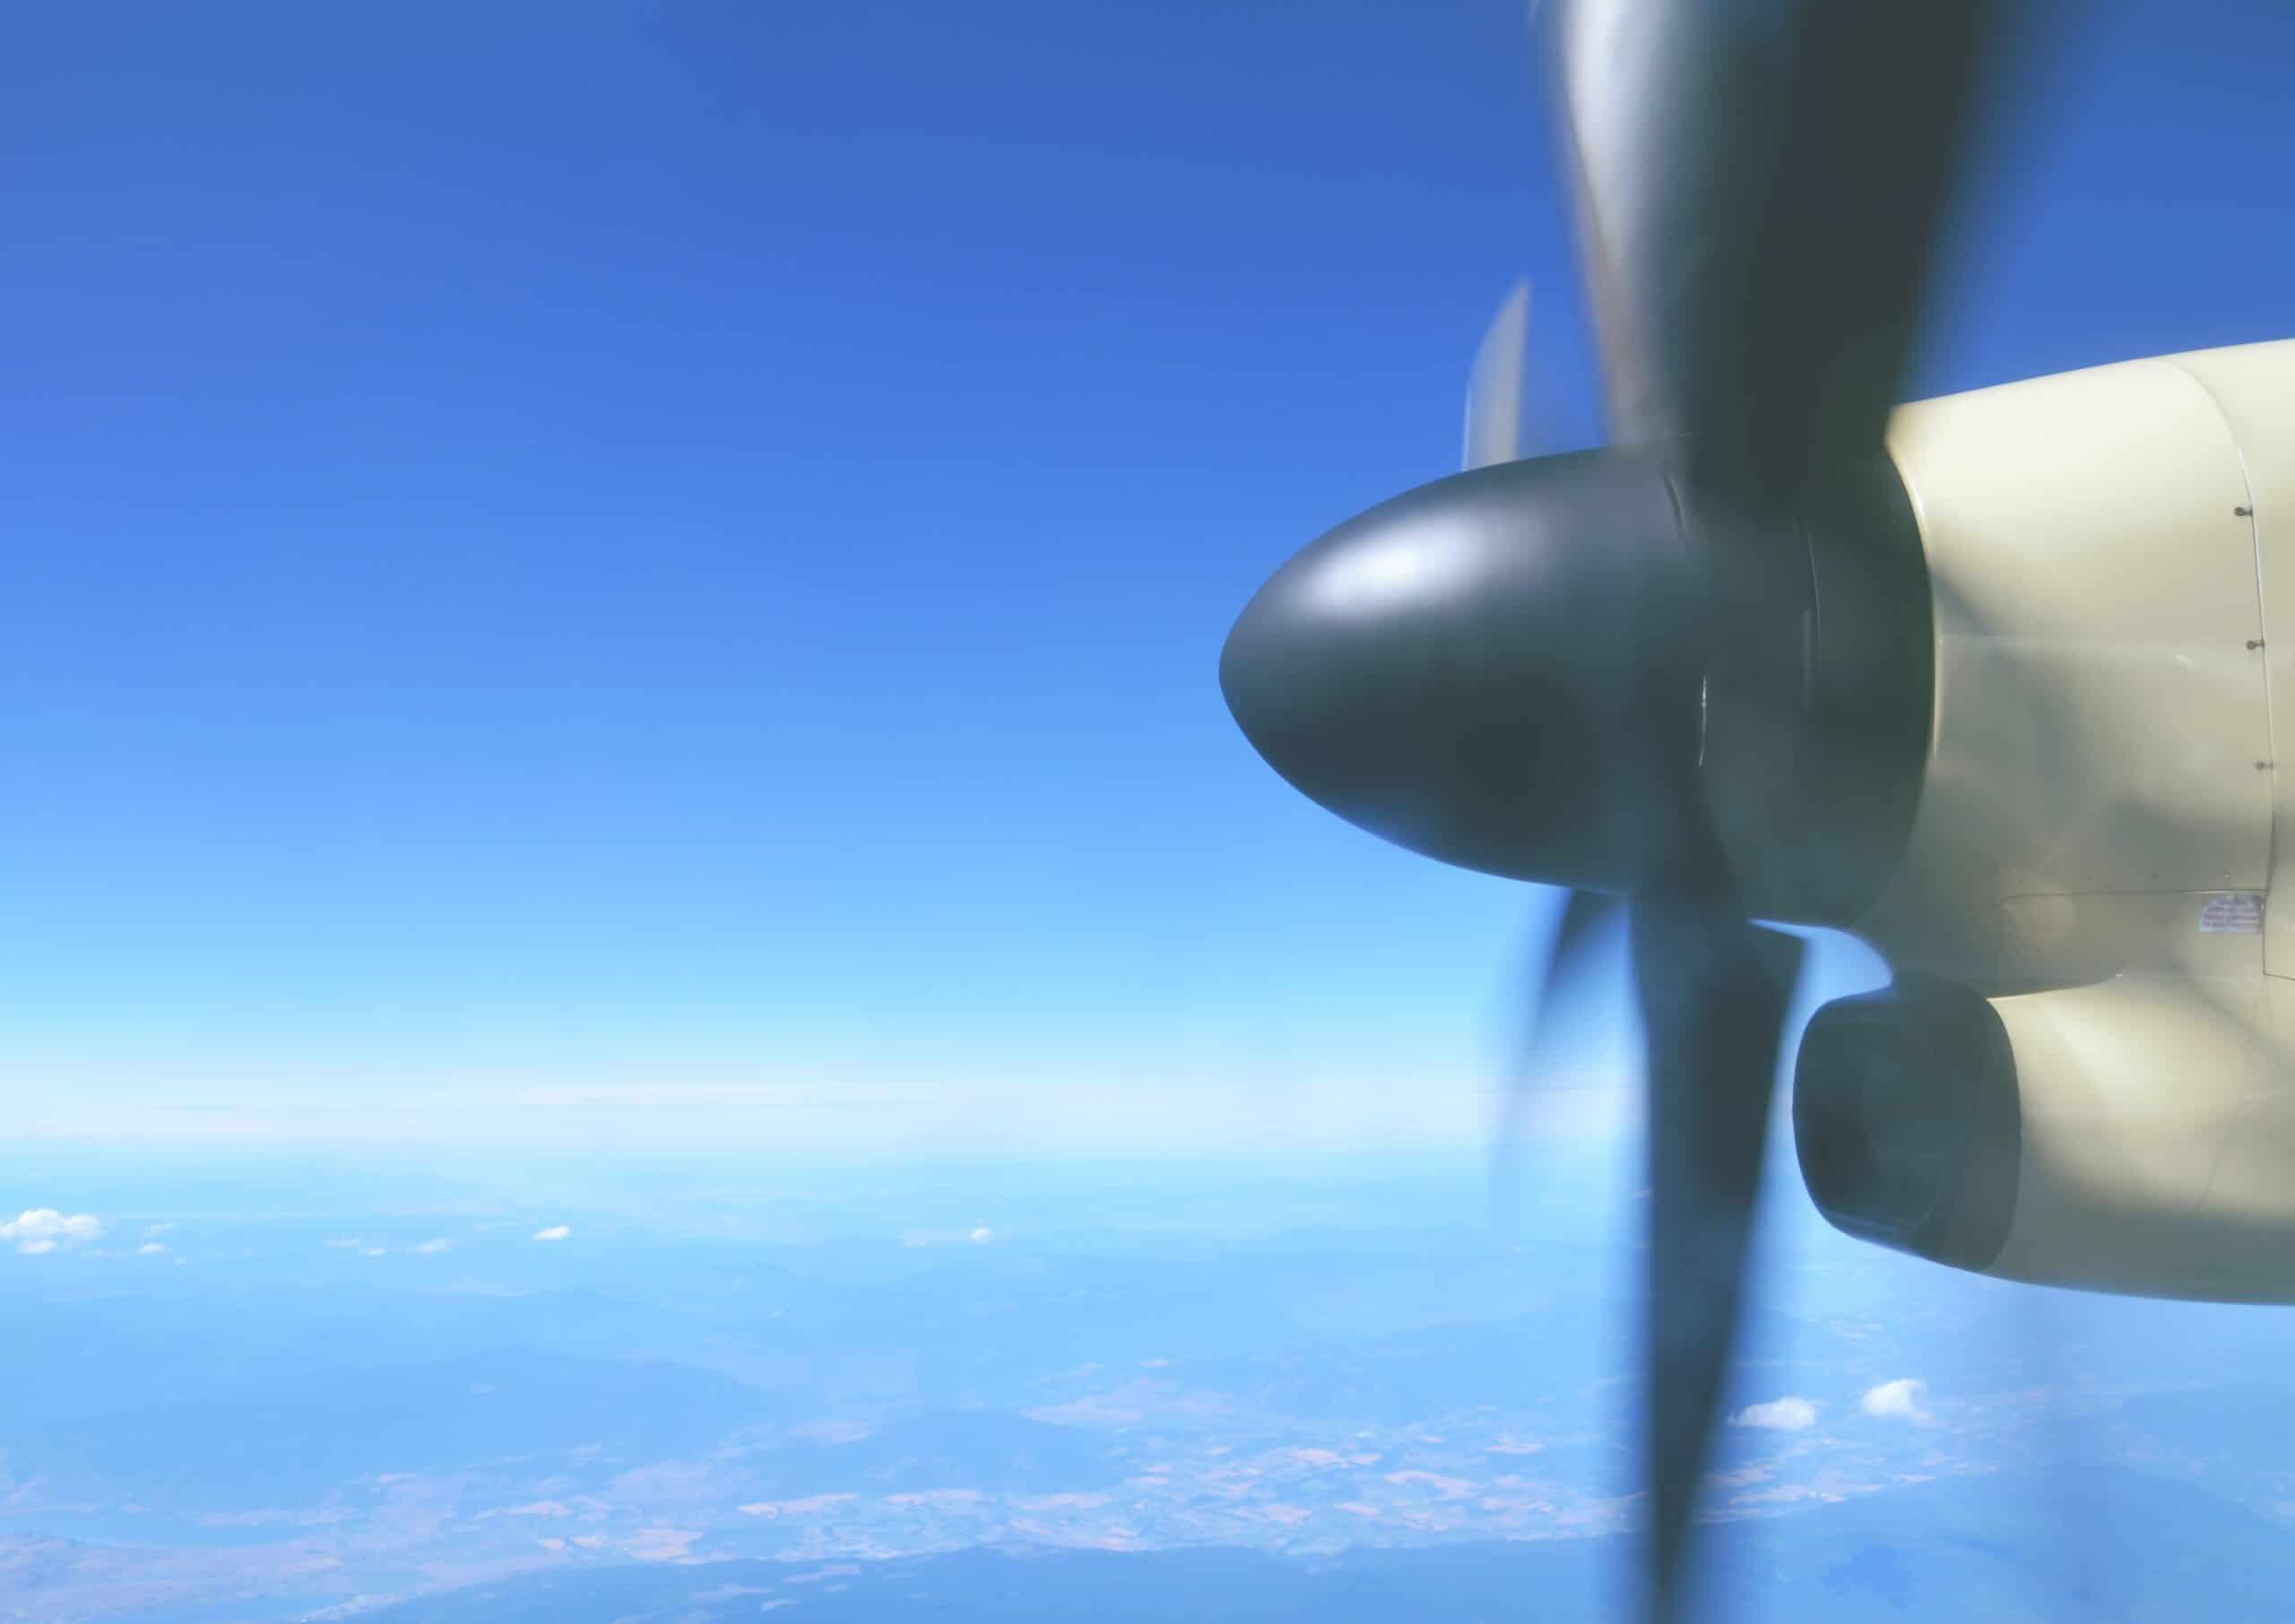 How to Avoid Rolling Shutter Effect on Plan propeller